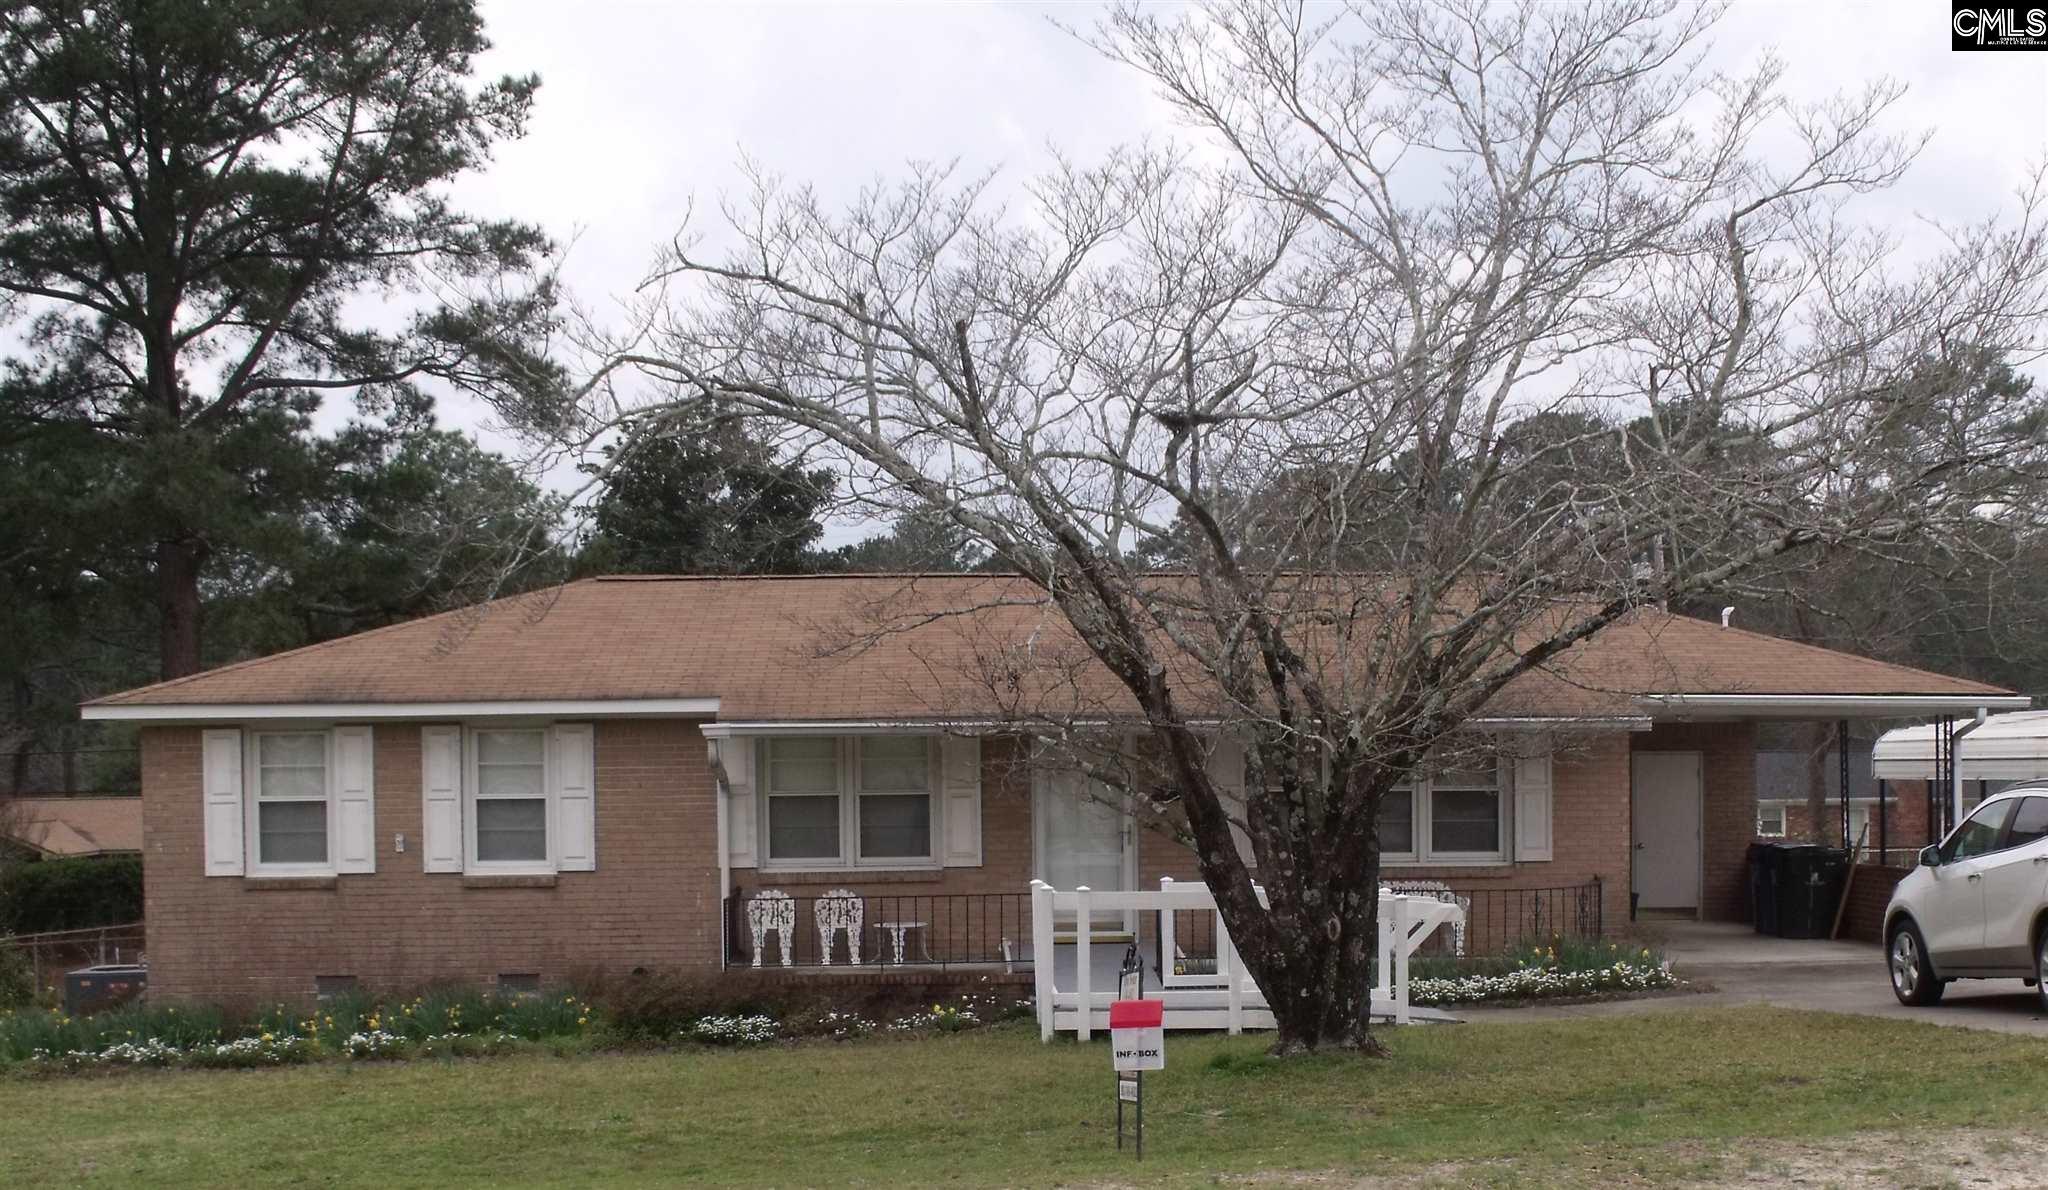 816 Decatur West Columbia, SC 29169-3513